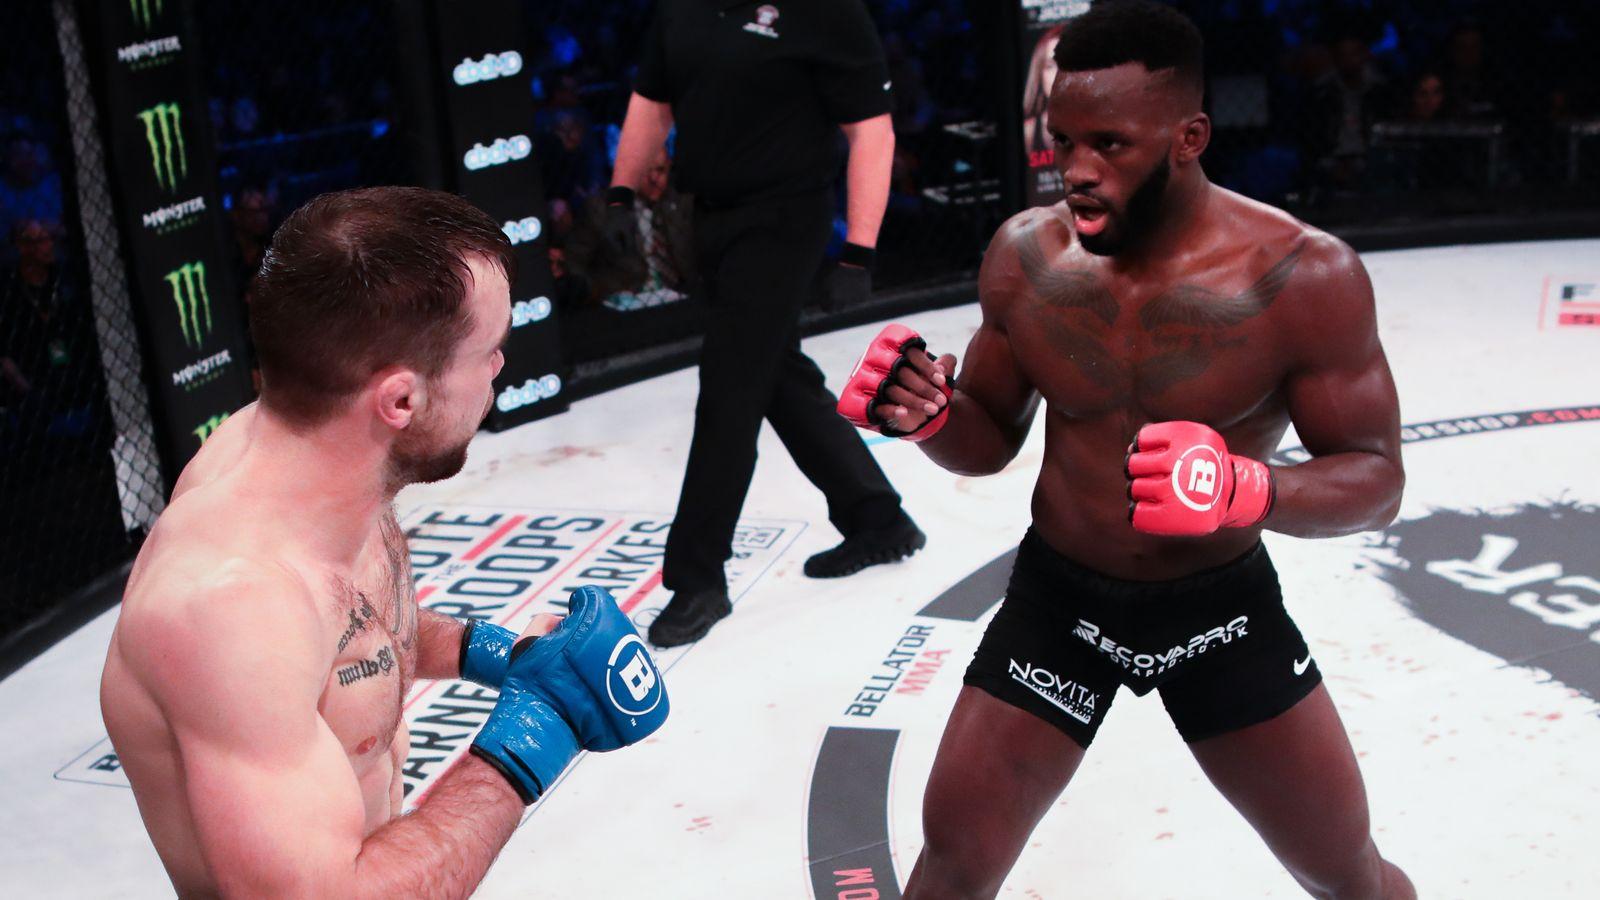 Cómo los luchadores de Bellator MMA se mantienen en forma durante el bloqueo de coronavirus | Noticias MMA 7